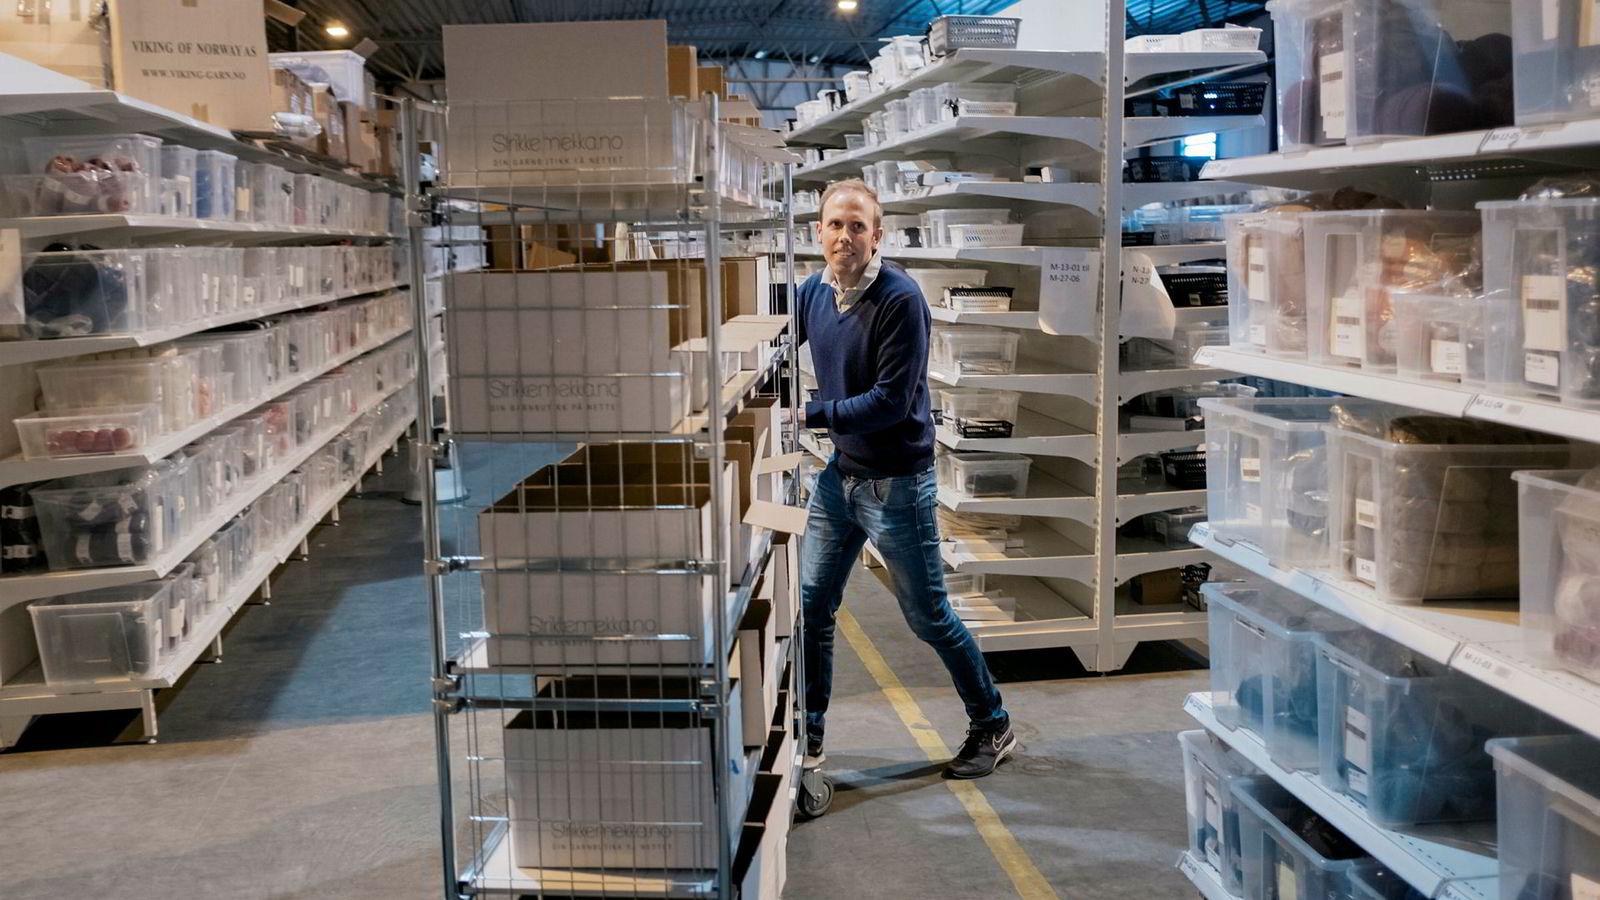 Eirik Fuglestad driver gjør det godt innen netthandel med butikkene Motehus og Strikkemekka. Han jobber lange dager og mener han jobber cirka femti prosent mer enn full stilling. Varene sender han ut fra et lager på Klepp Stasjon.